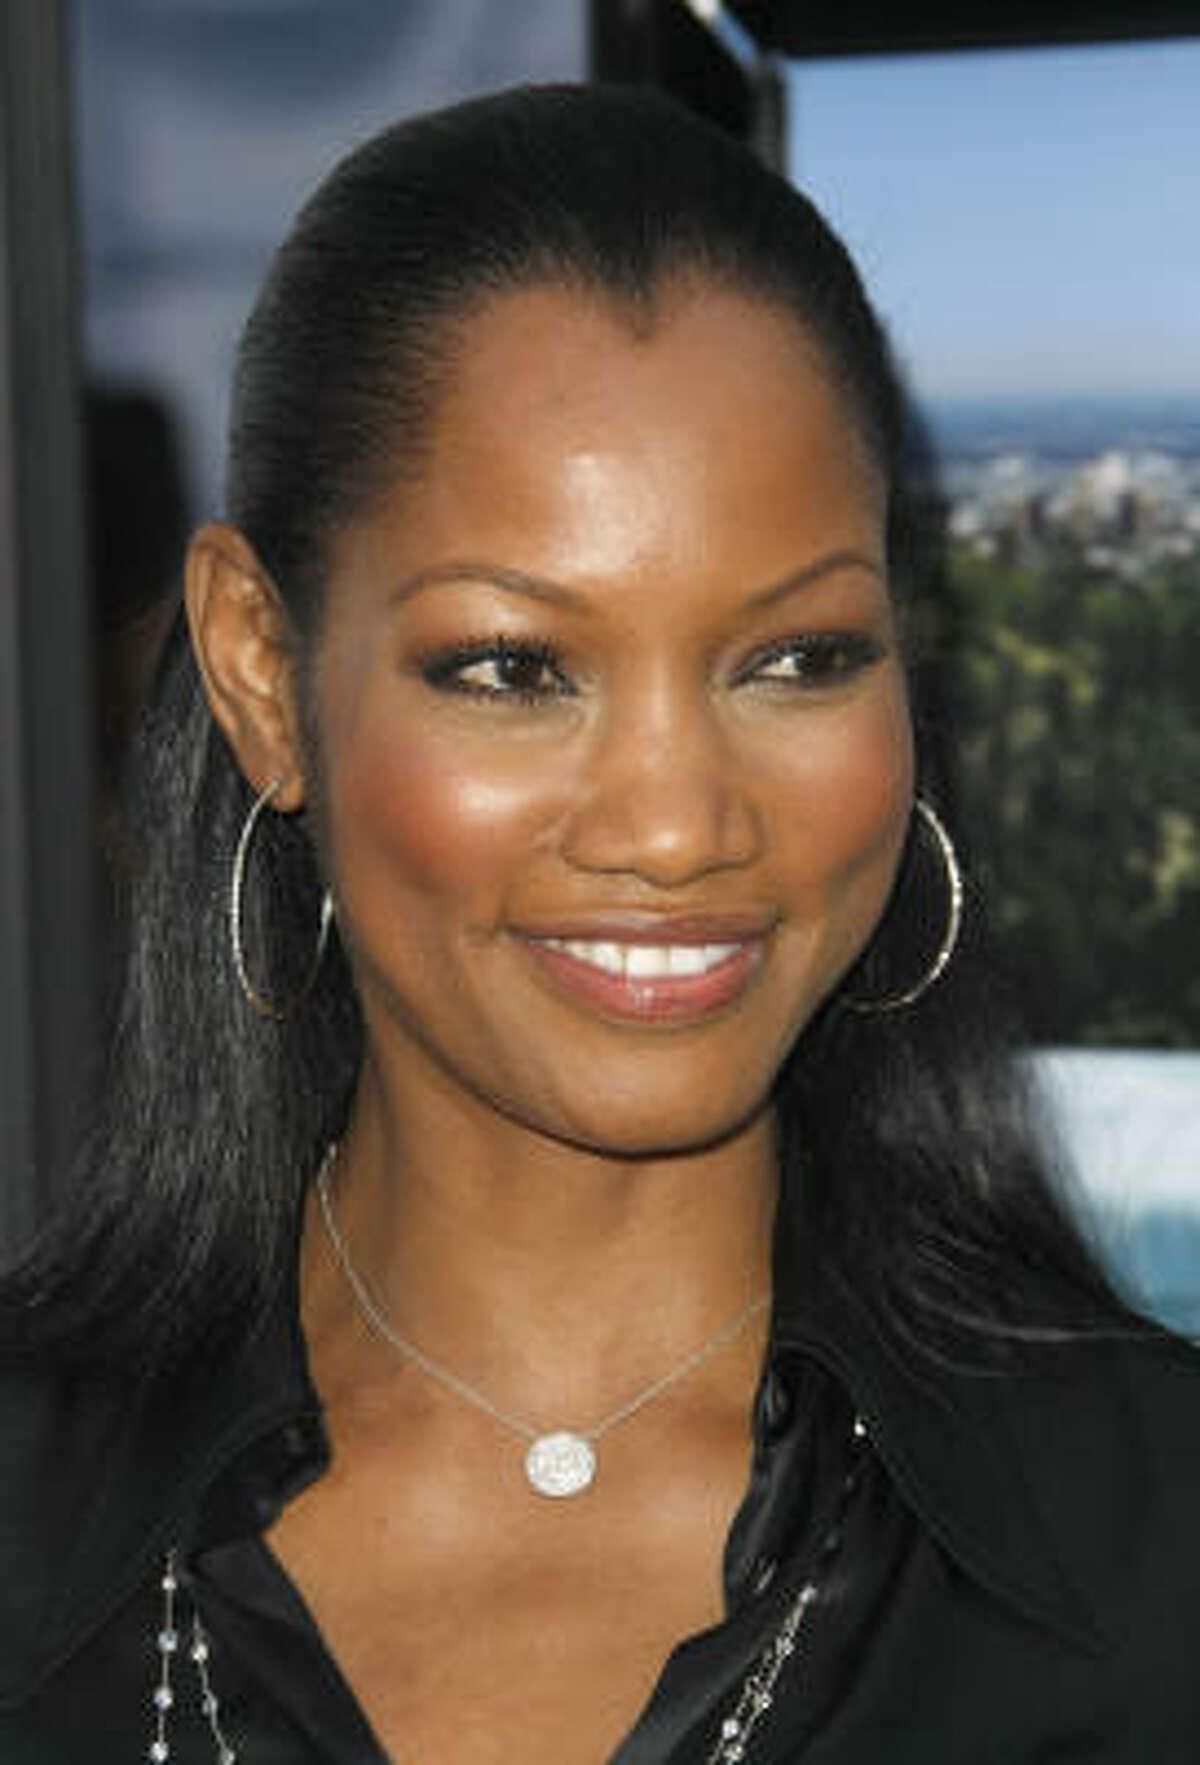 Actress Garcelle Beauvais-Nilon has twin boys.